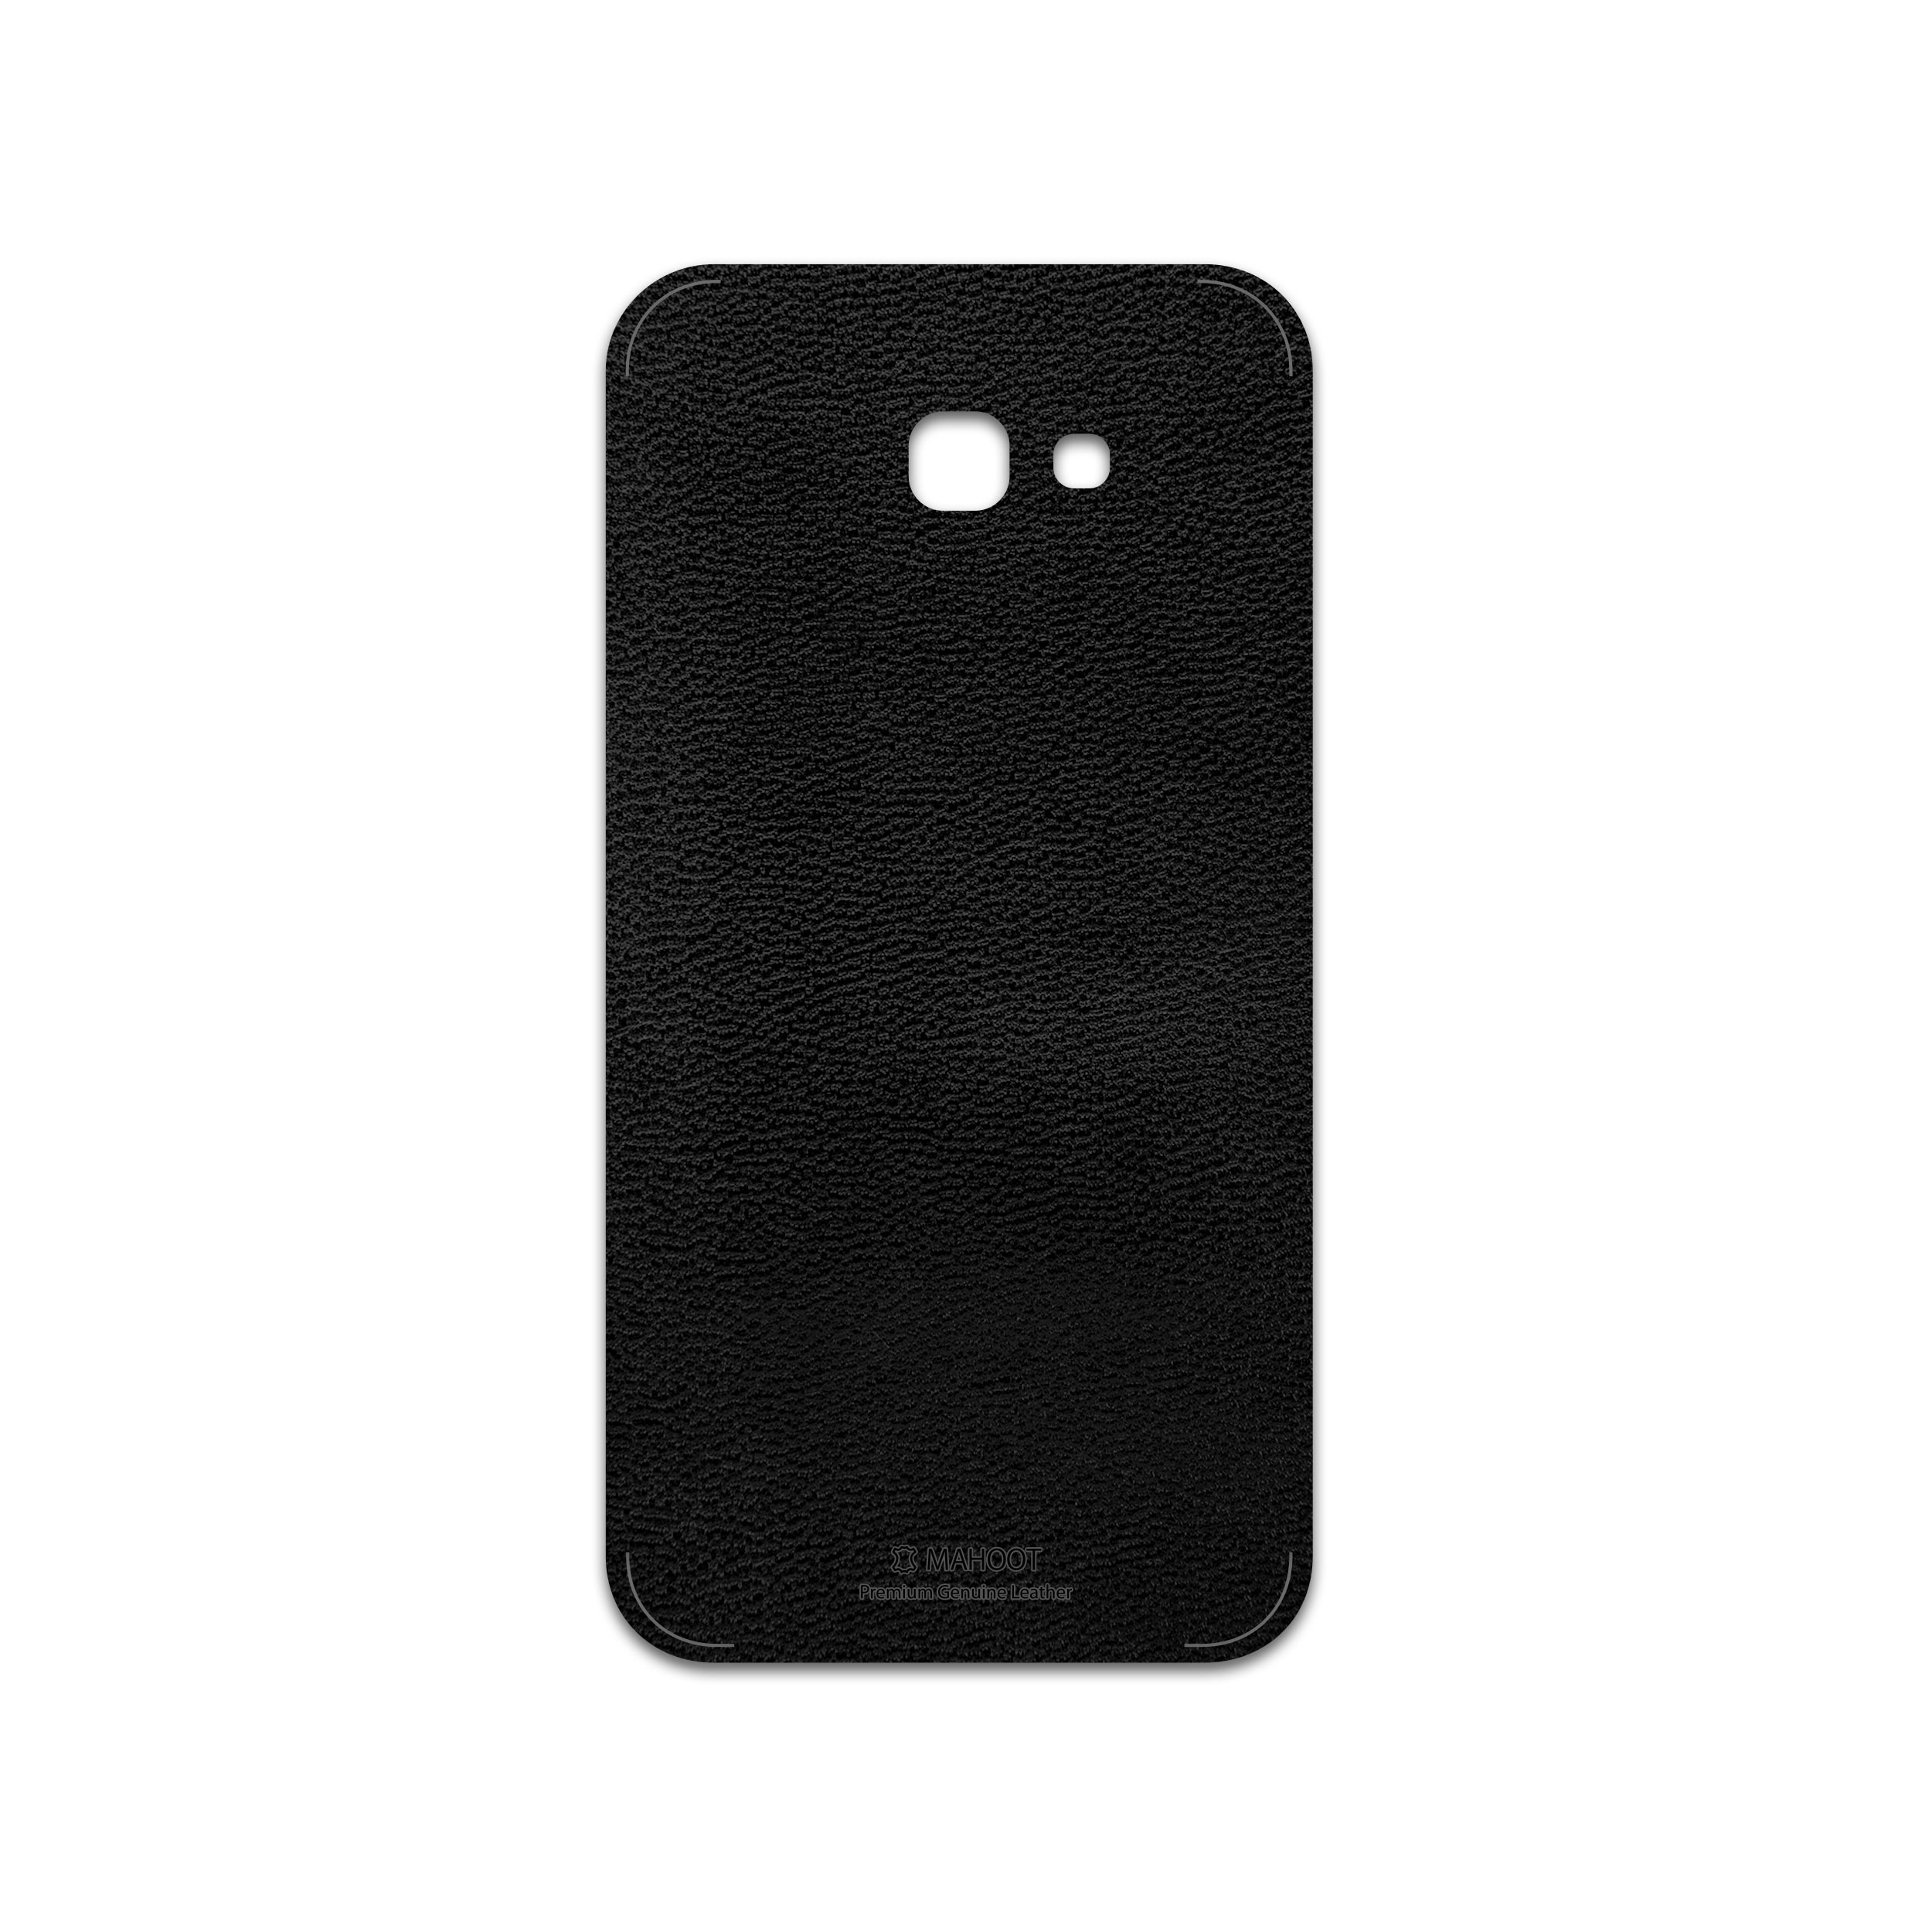 برچسب پوششی ماهوت مدل Black-Leather مناسب برای گوشی موبایل سامسونگ Galaxy A7 2017